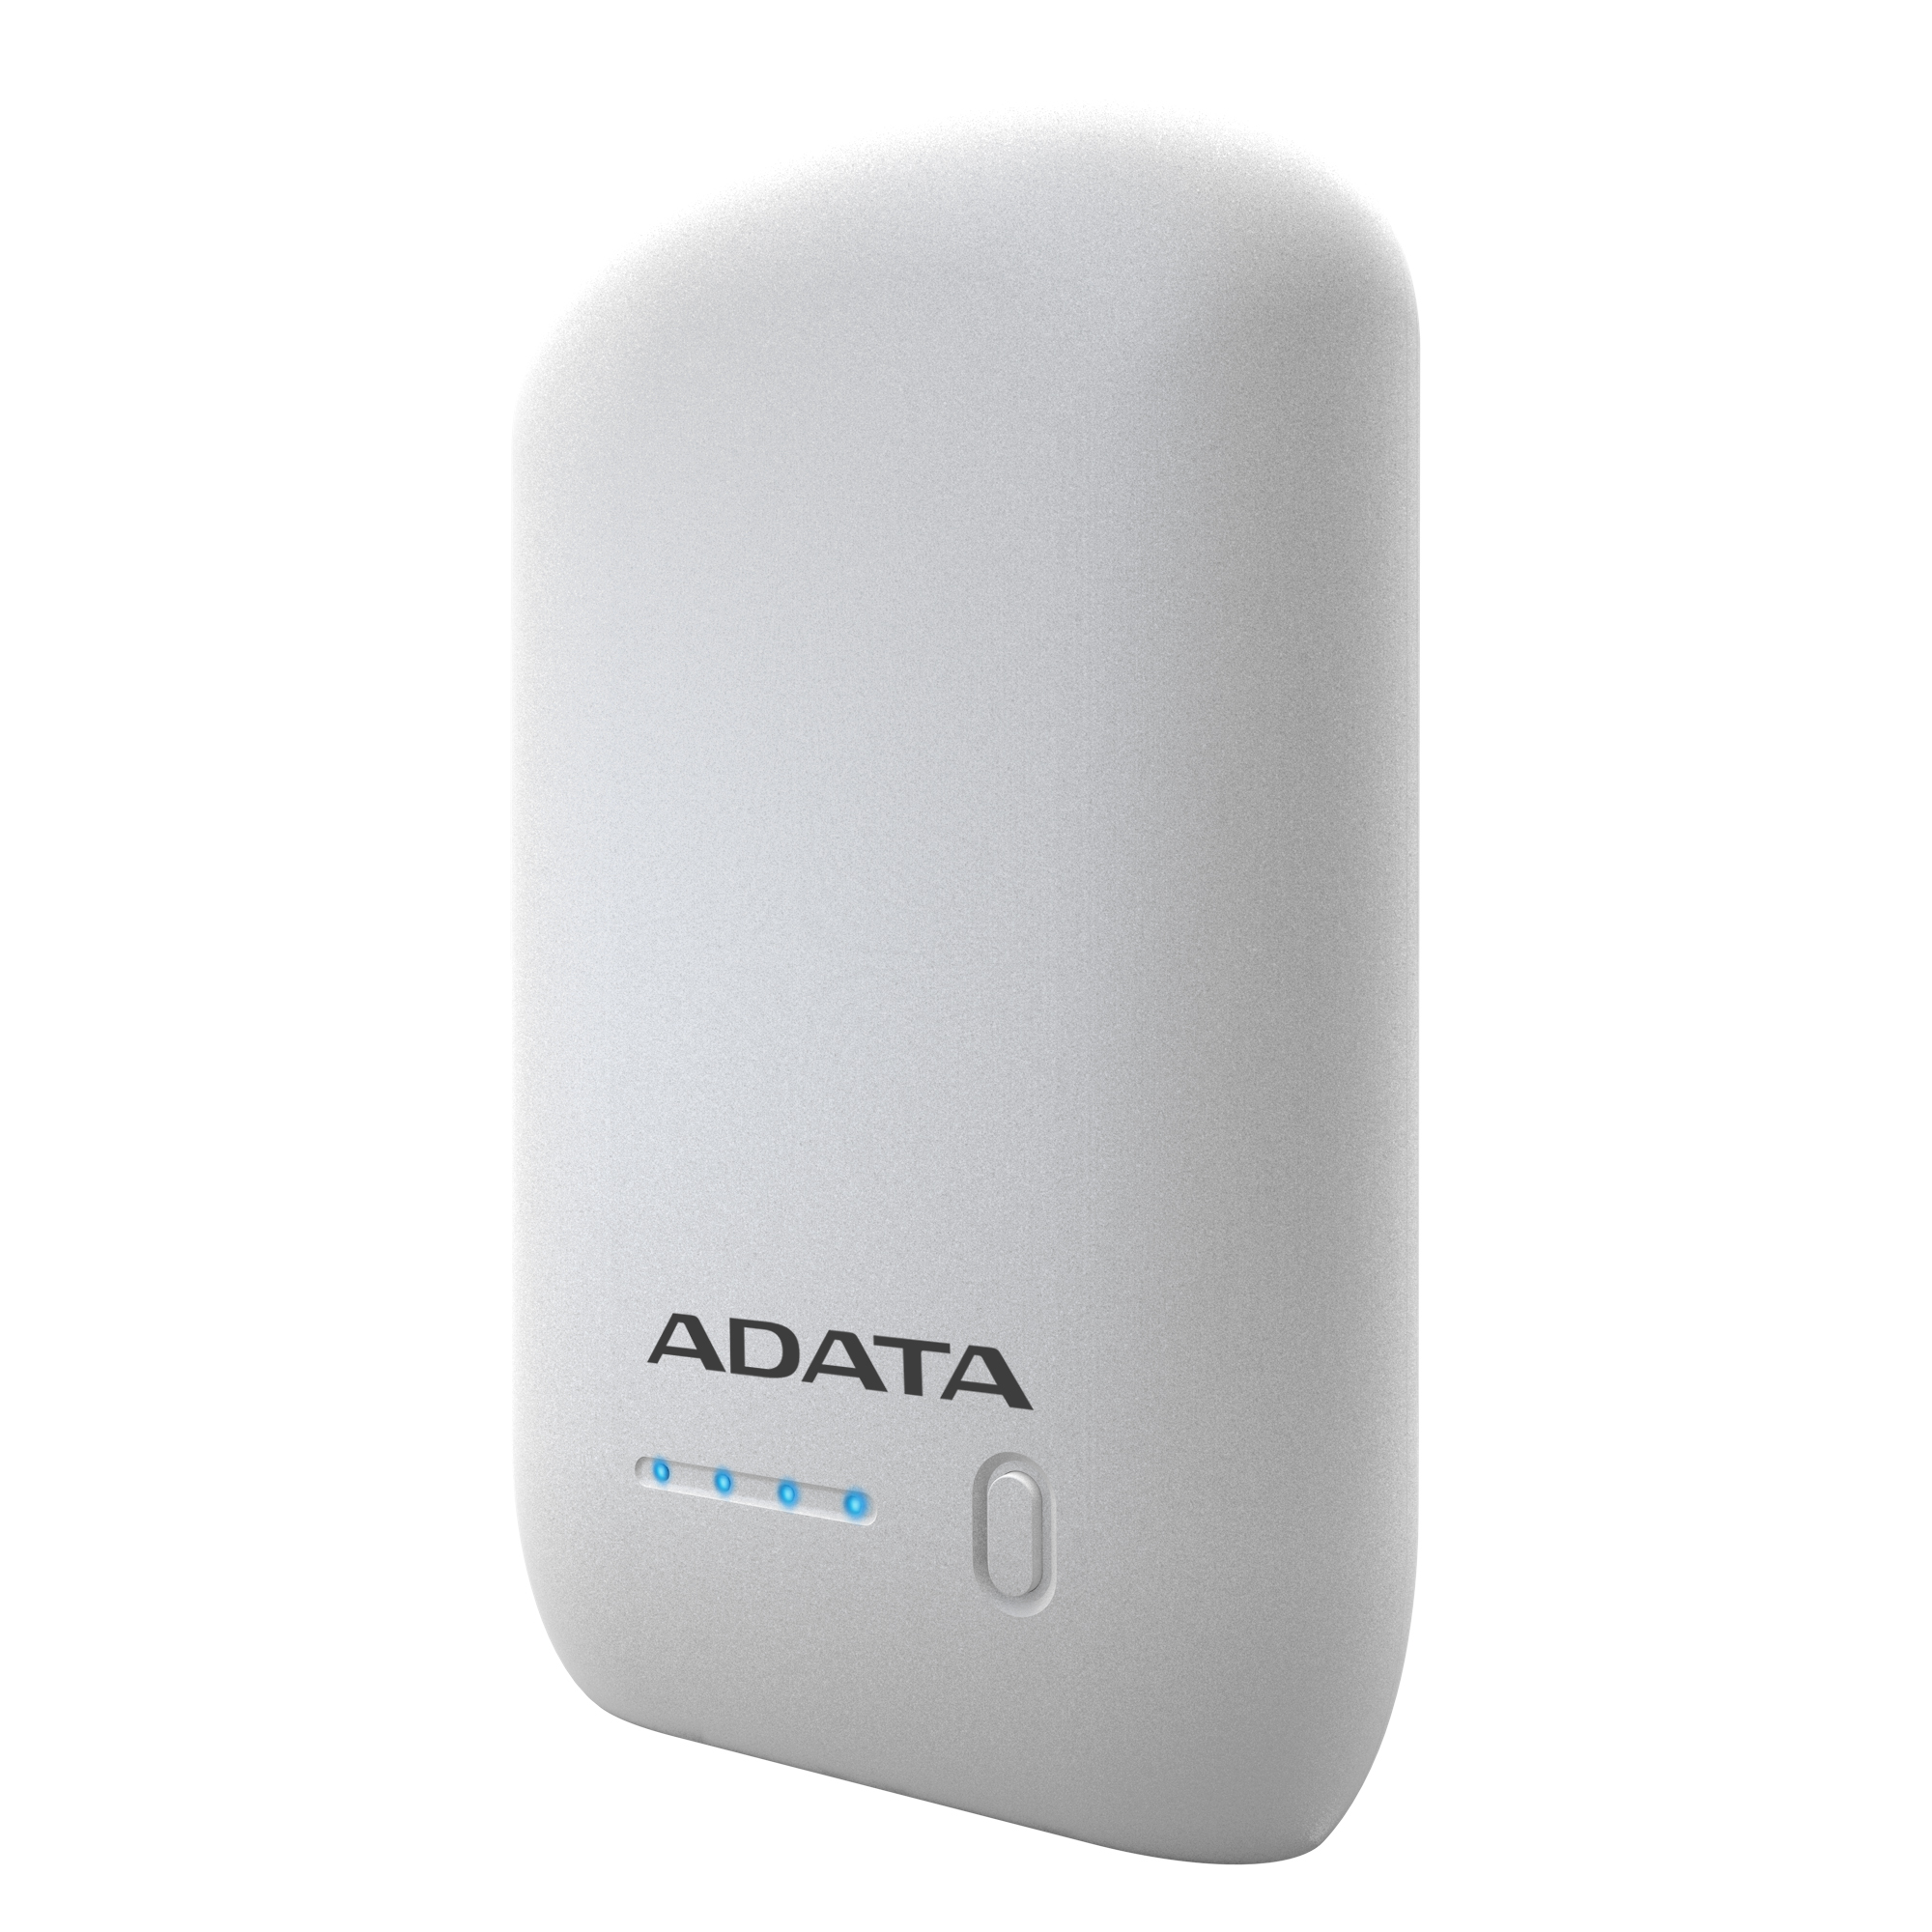 PowerBank ADATA P10050 10050mAh, white